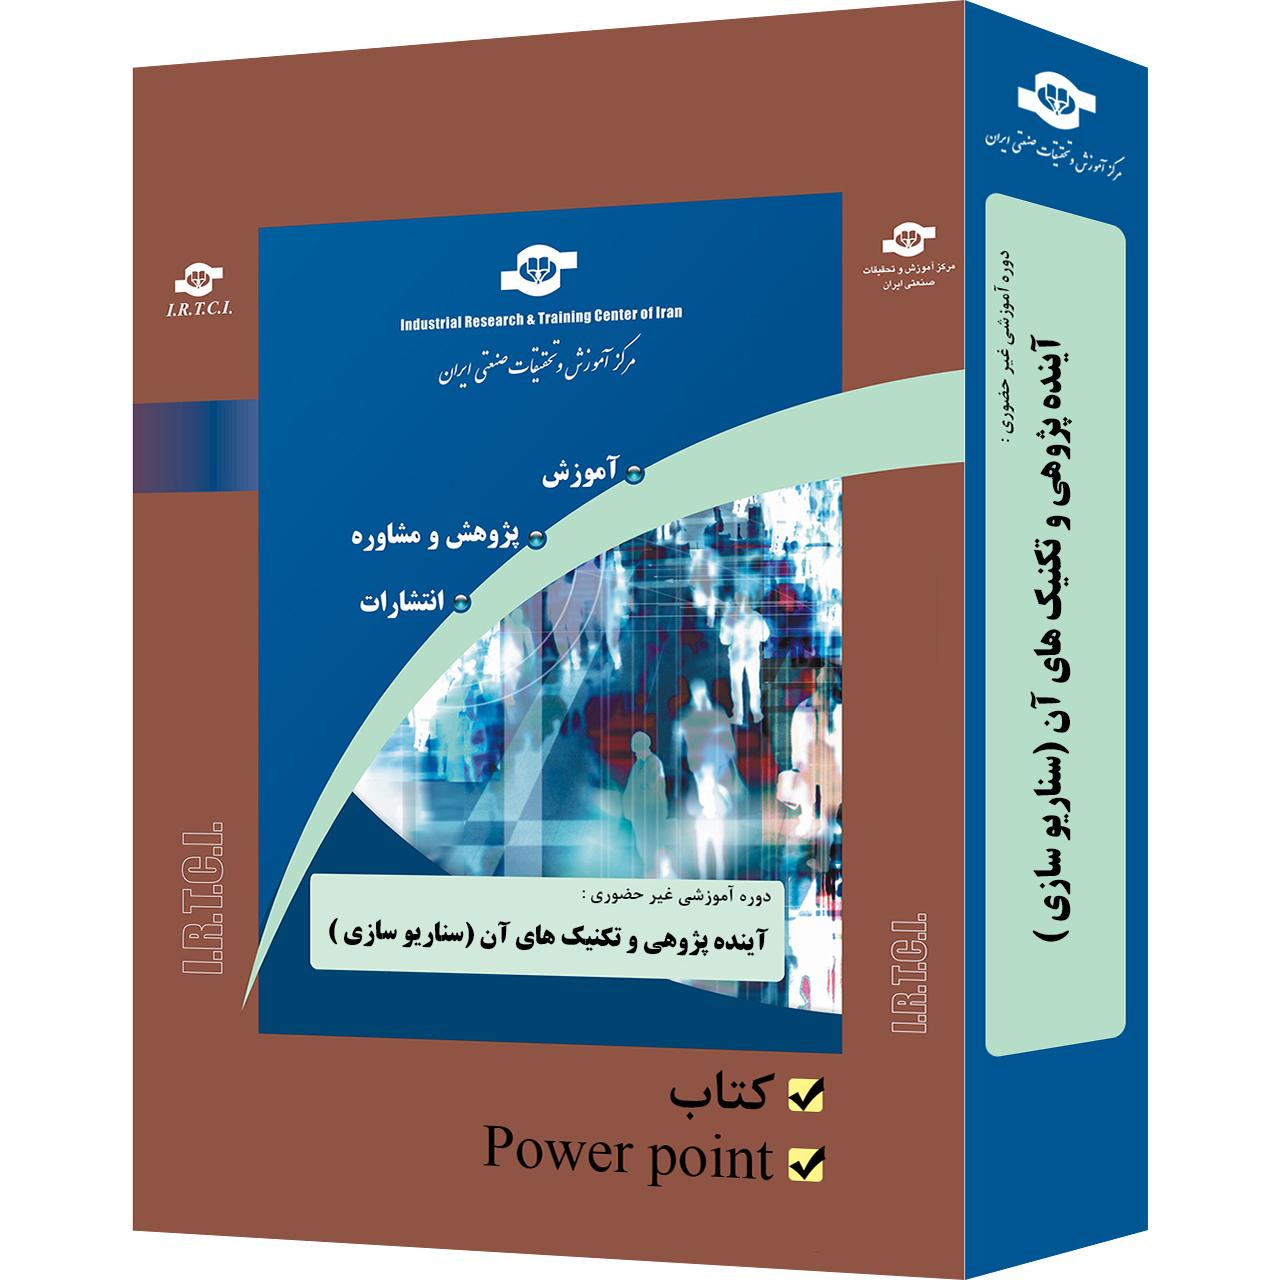 بسته آموزشی غیر حضوری آینده پژوهی و تکنیک های آن نشر مرکز آموزش و تحقیقات صنعتی ایران